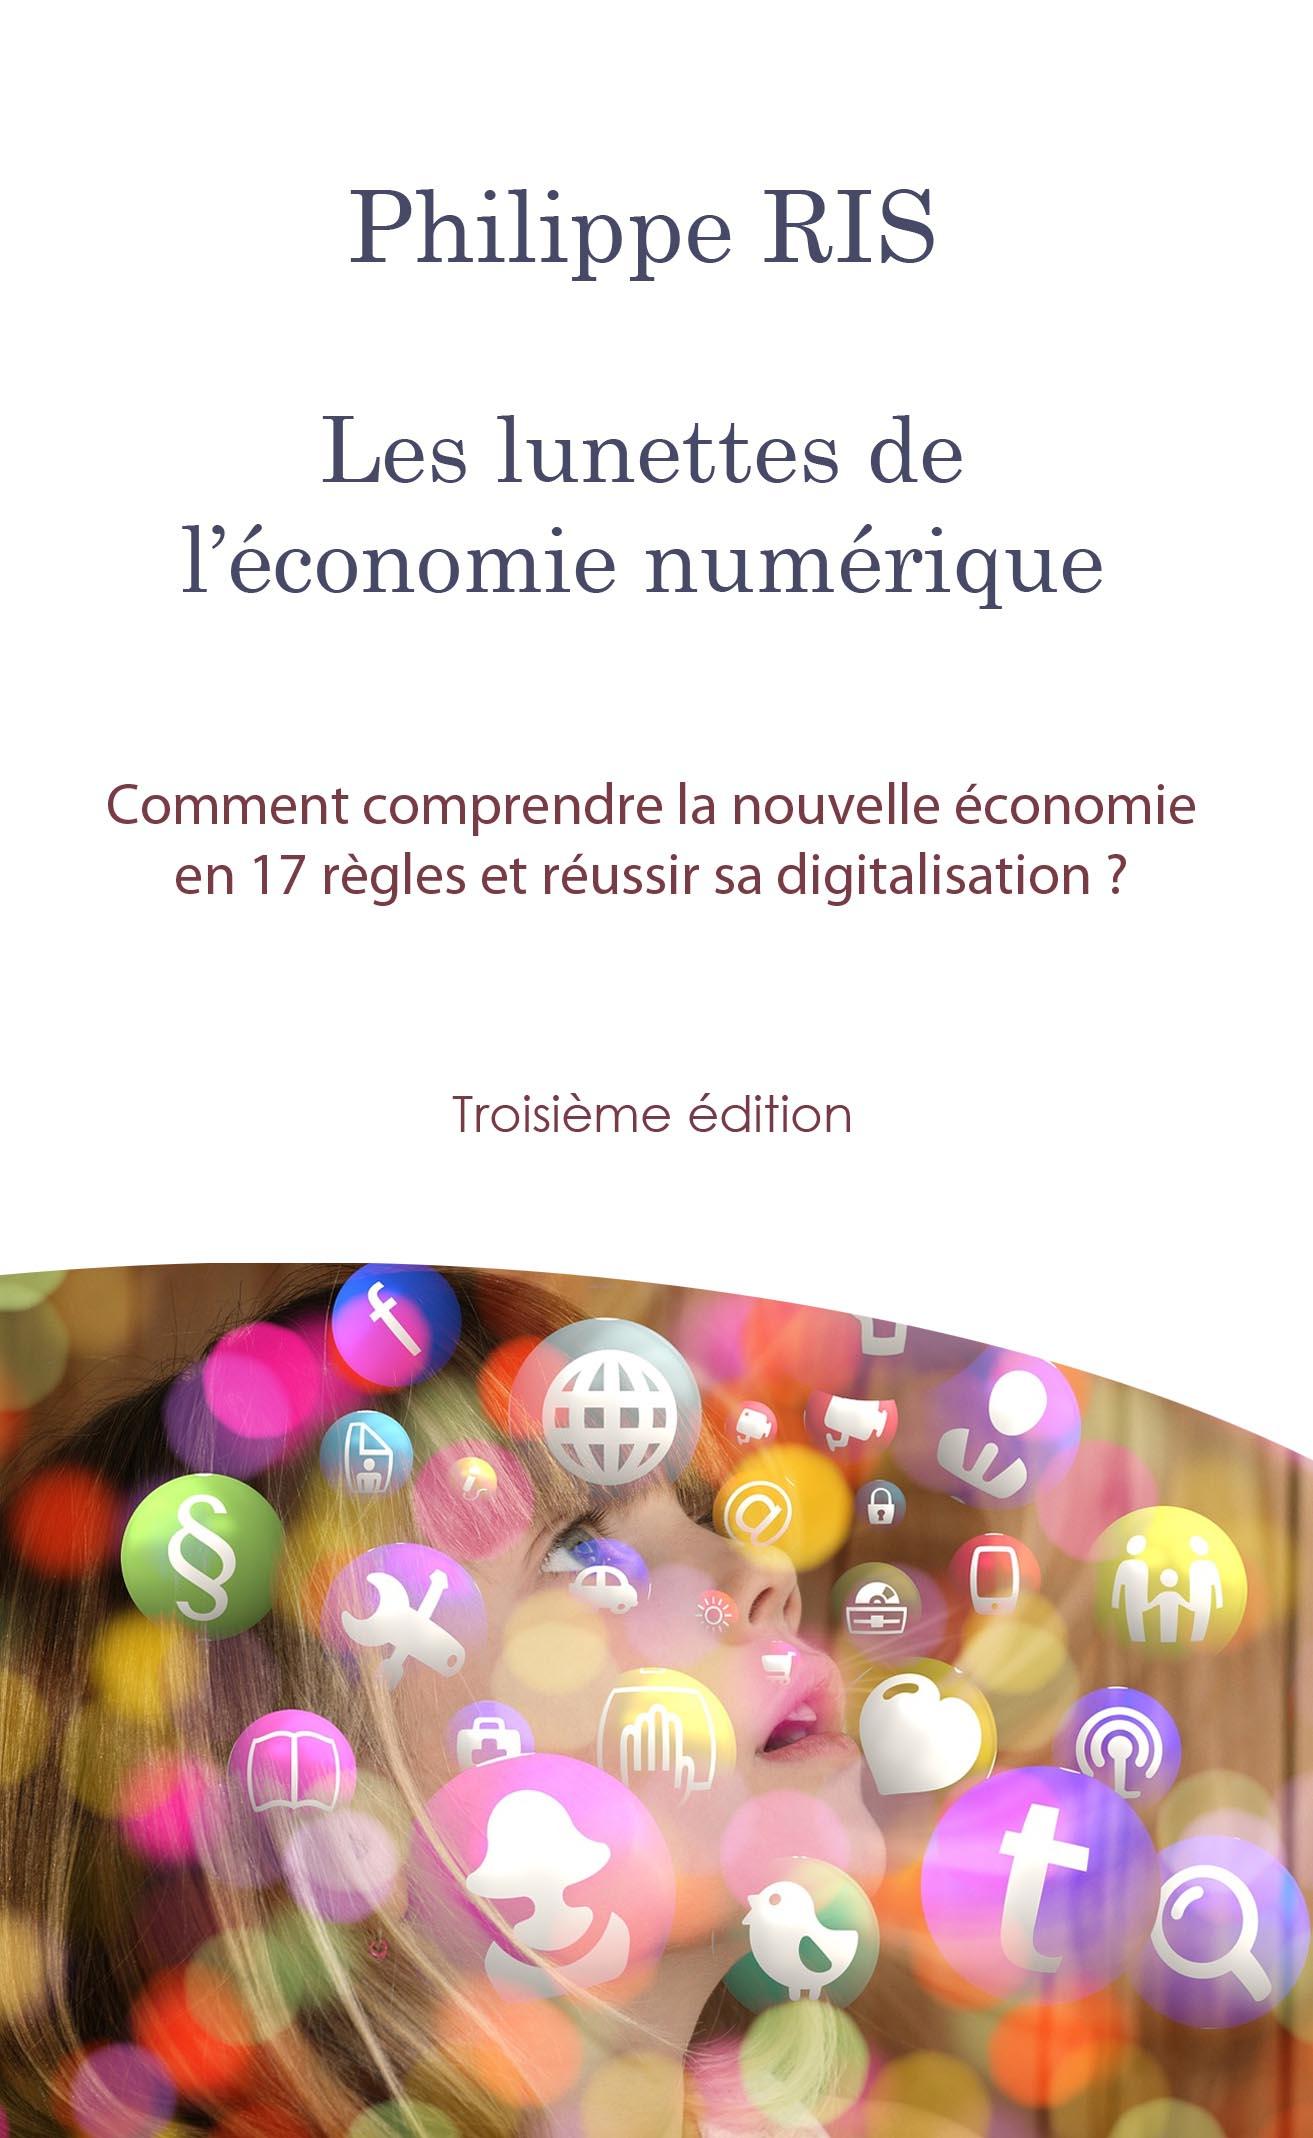 Les lunettes de l'économie numérique